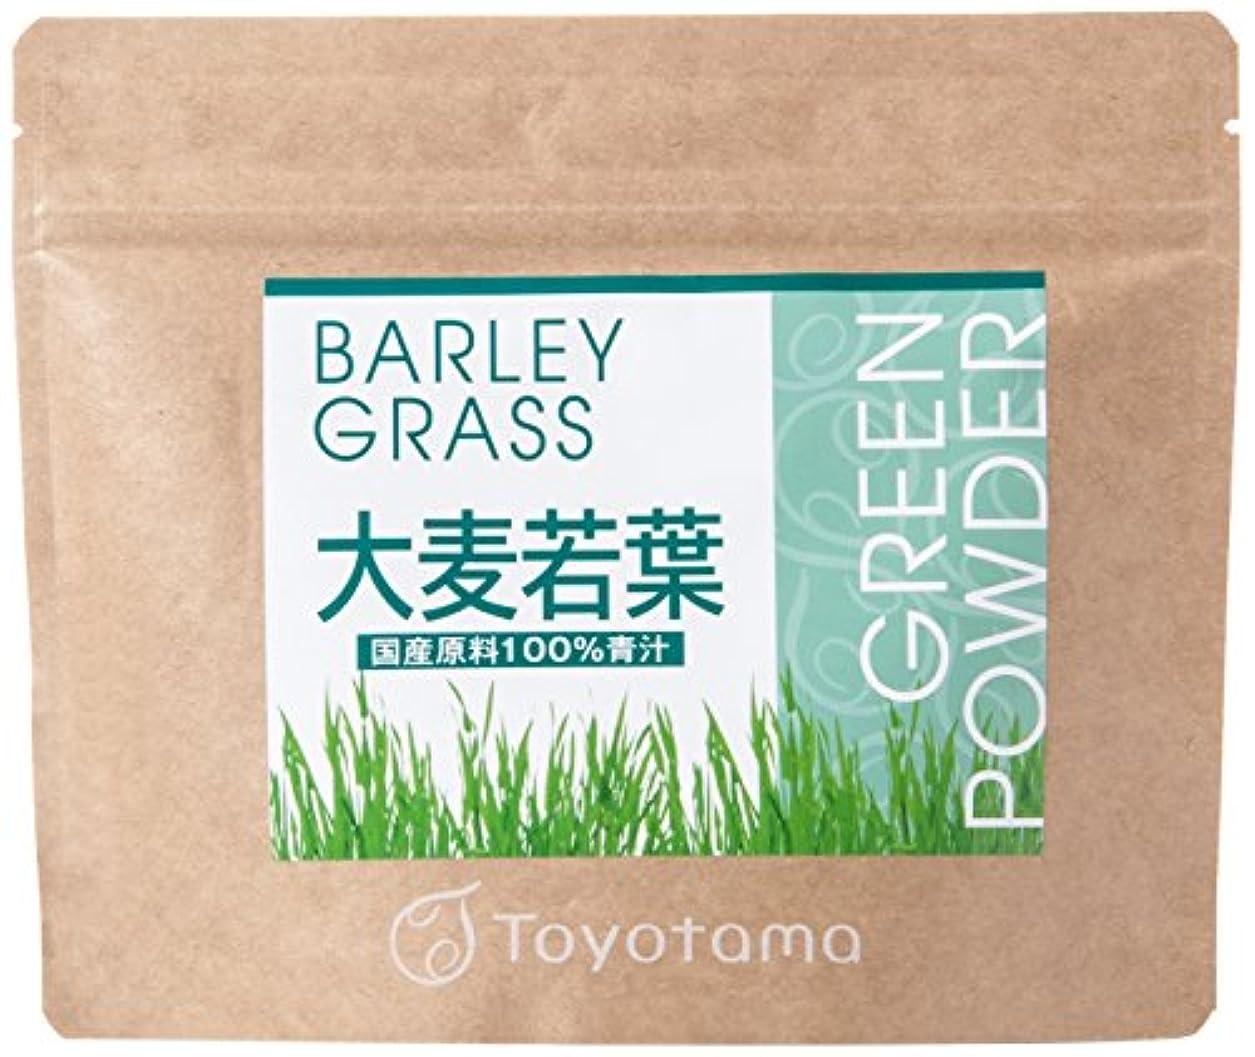 トヨタマ(TOYOTAMA) 国産大麦若葉100%青汁 90g (約30回分) 無添加 ピュアパウダー 1096313